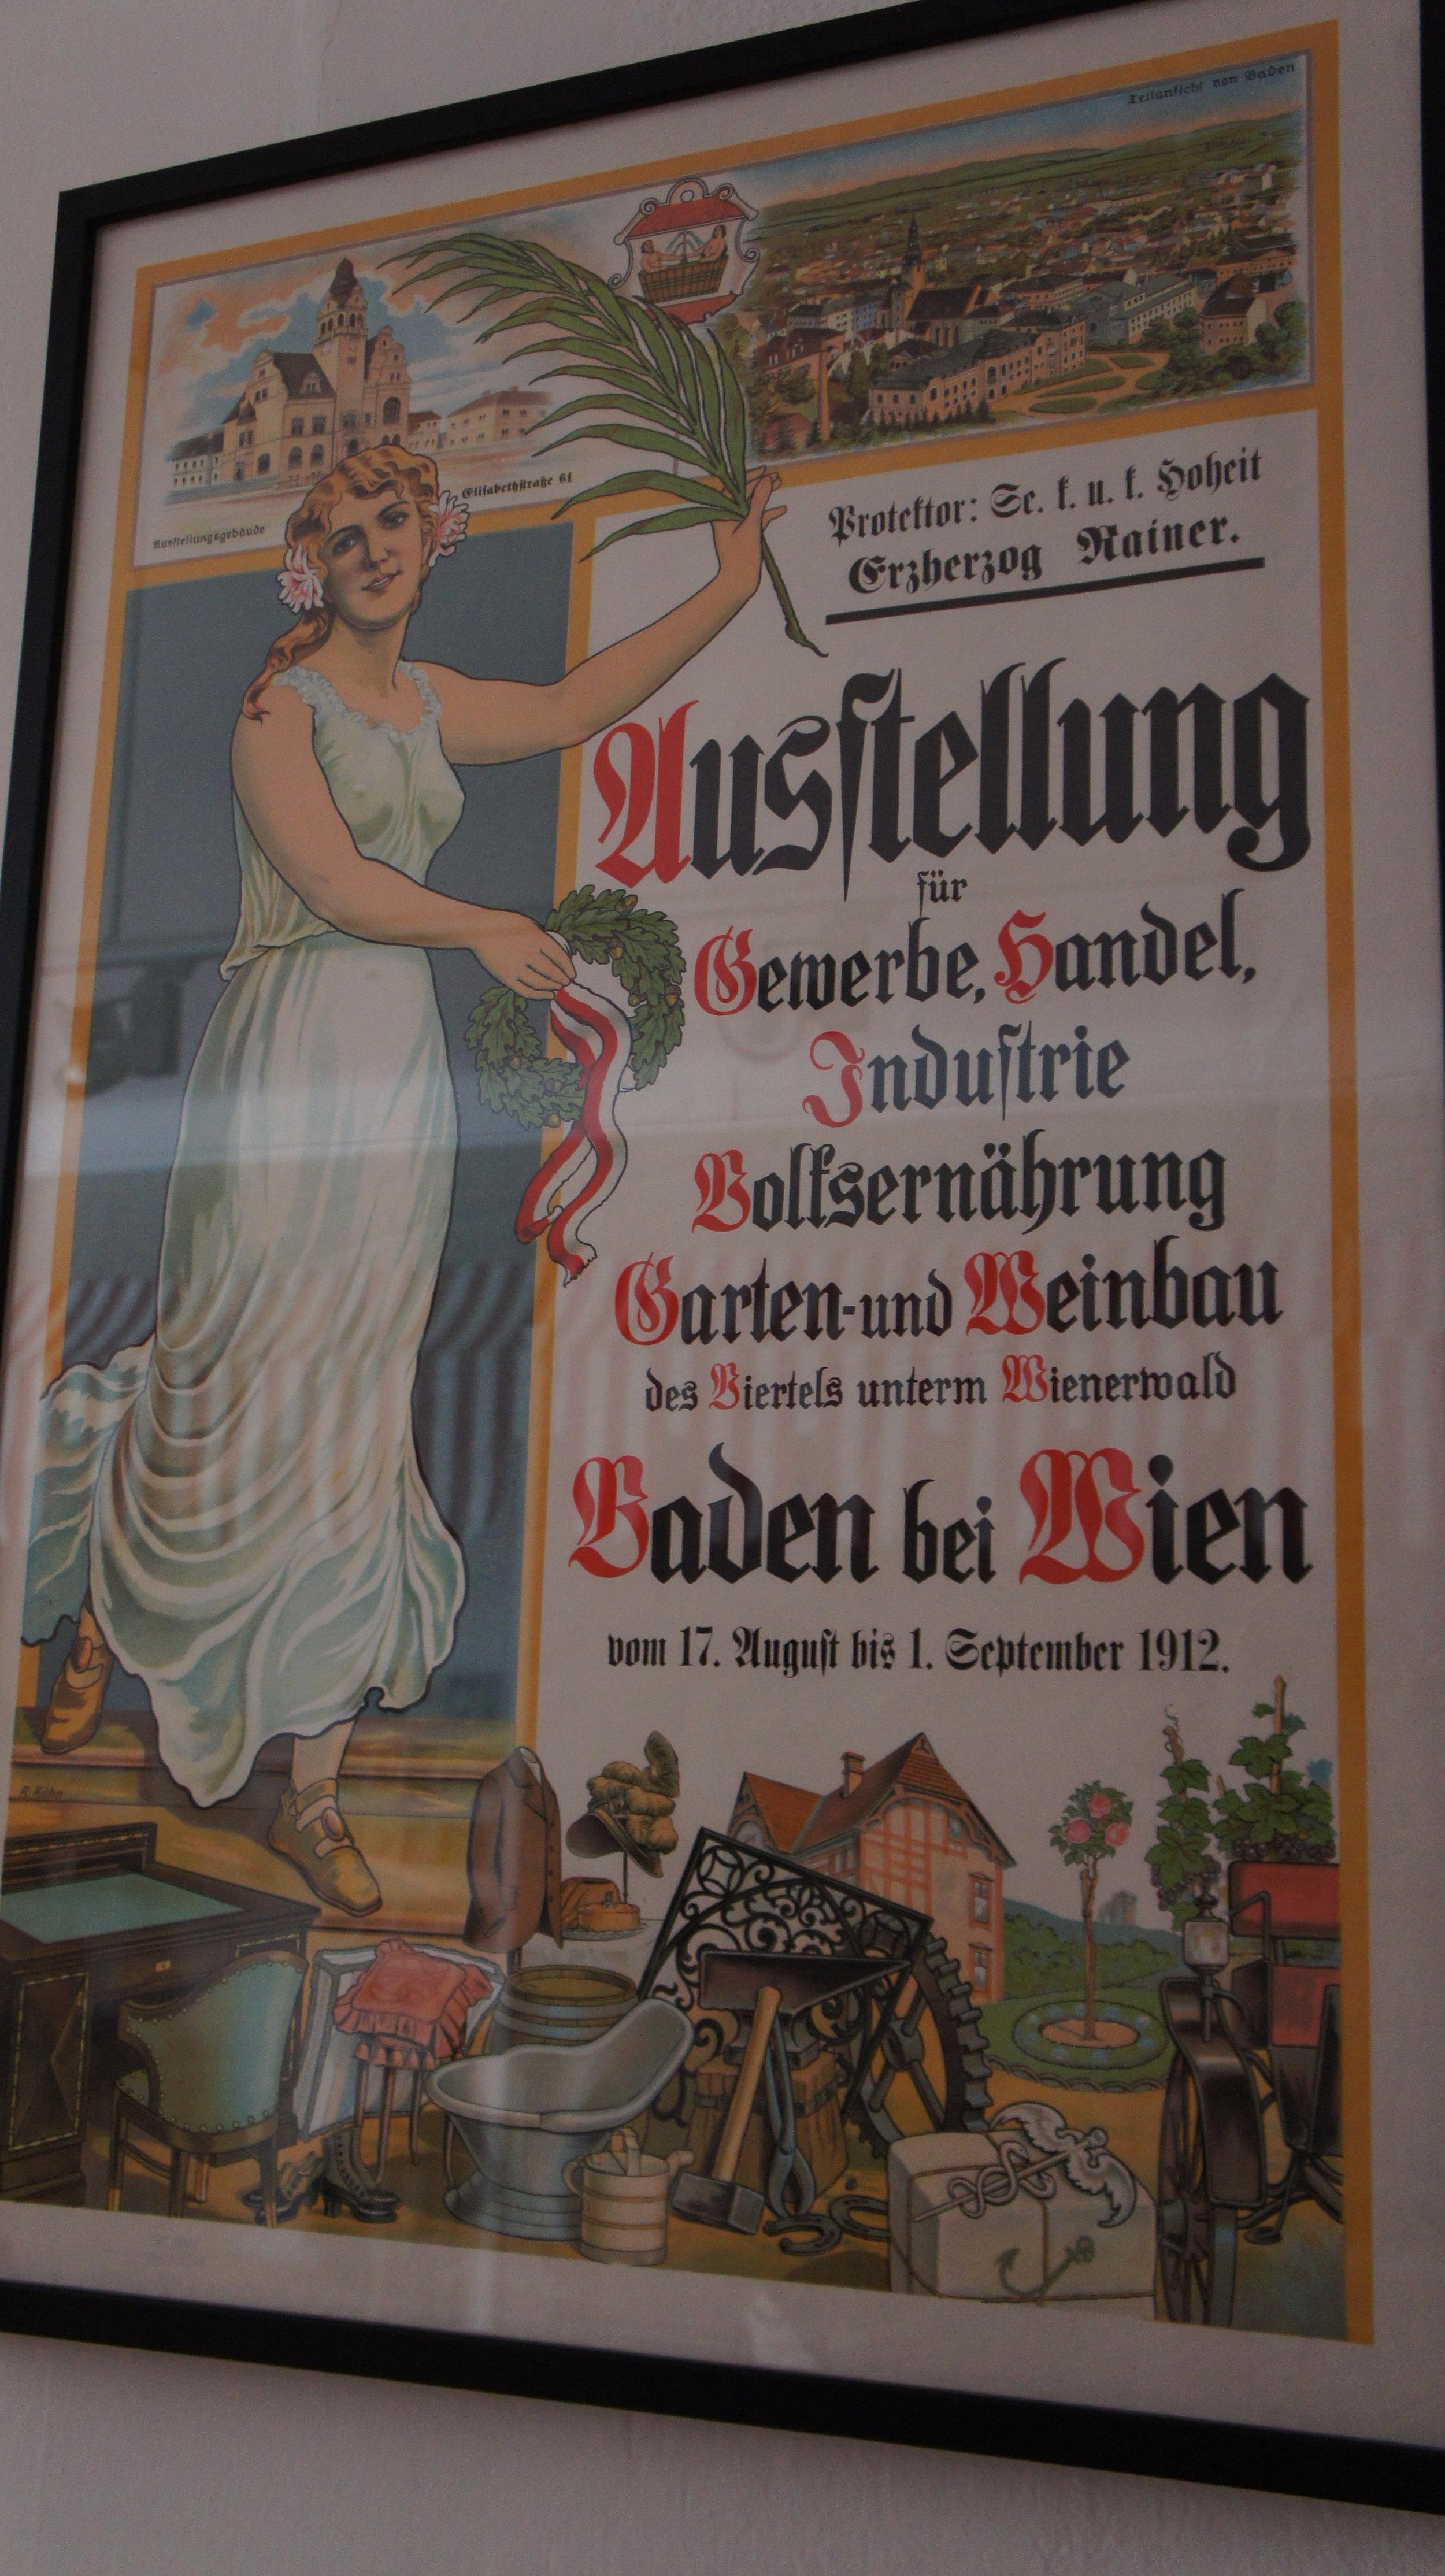 gewerbesaal - Hintergrund der Ausstellung ist die Gewerbeausstellung 1912 vor dem Weikersdorfer Rathaus